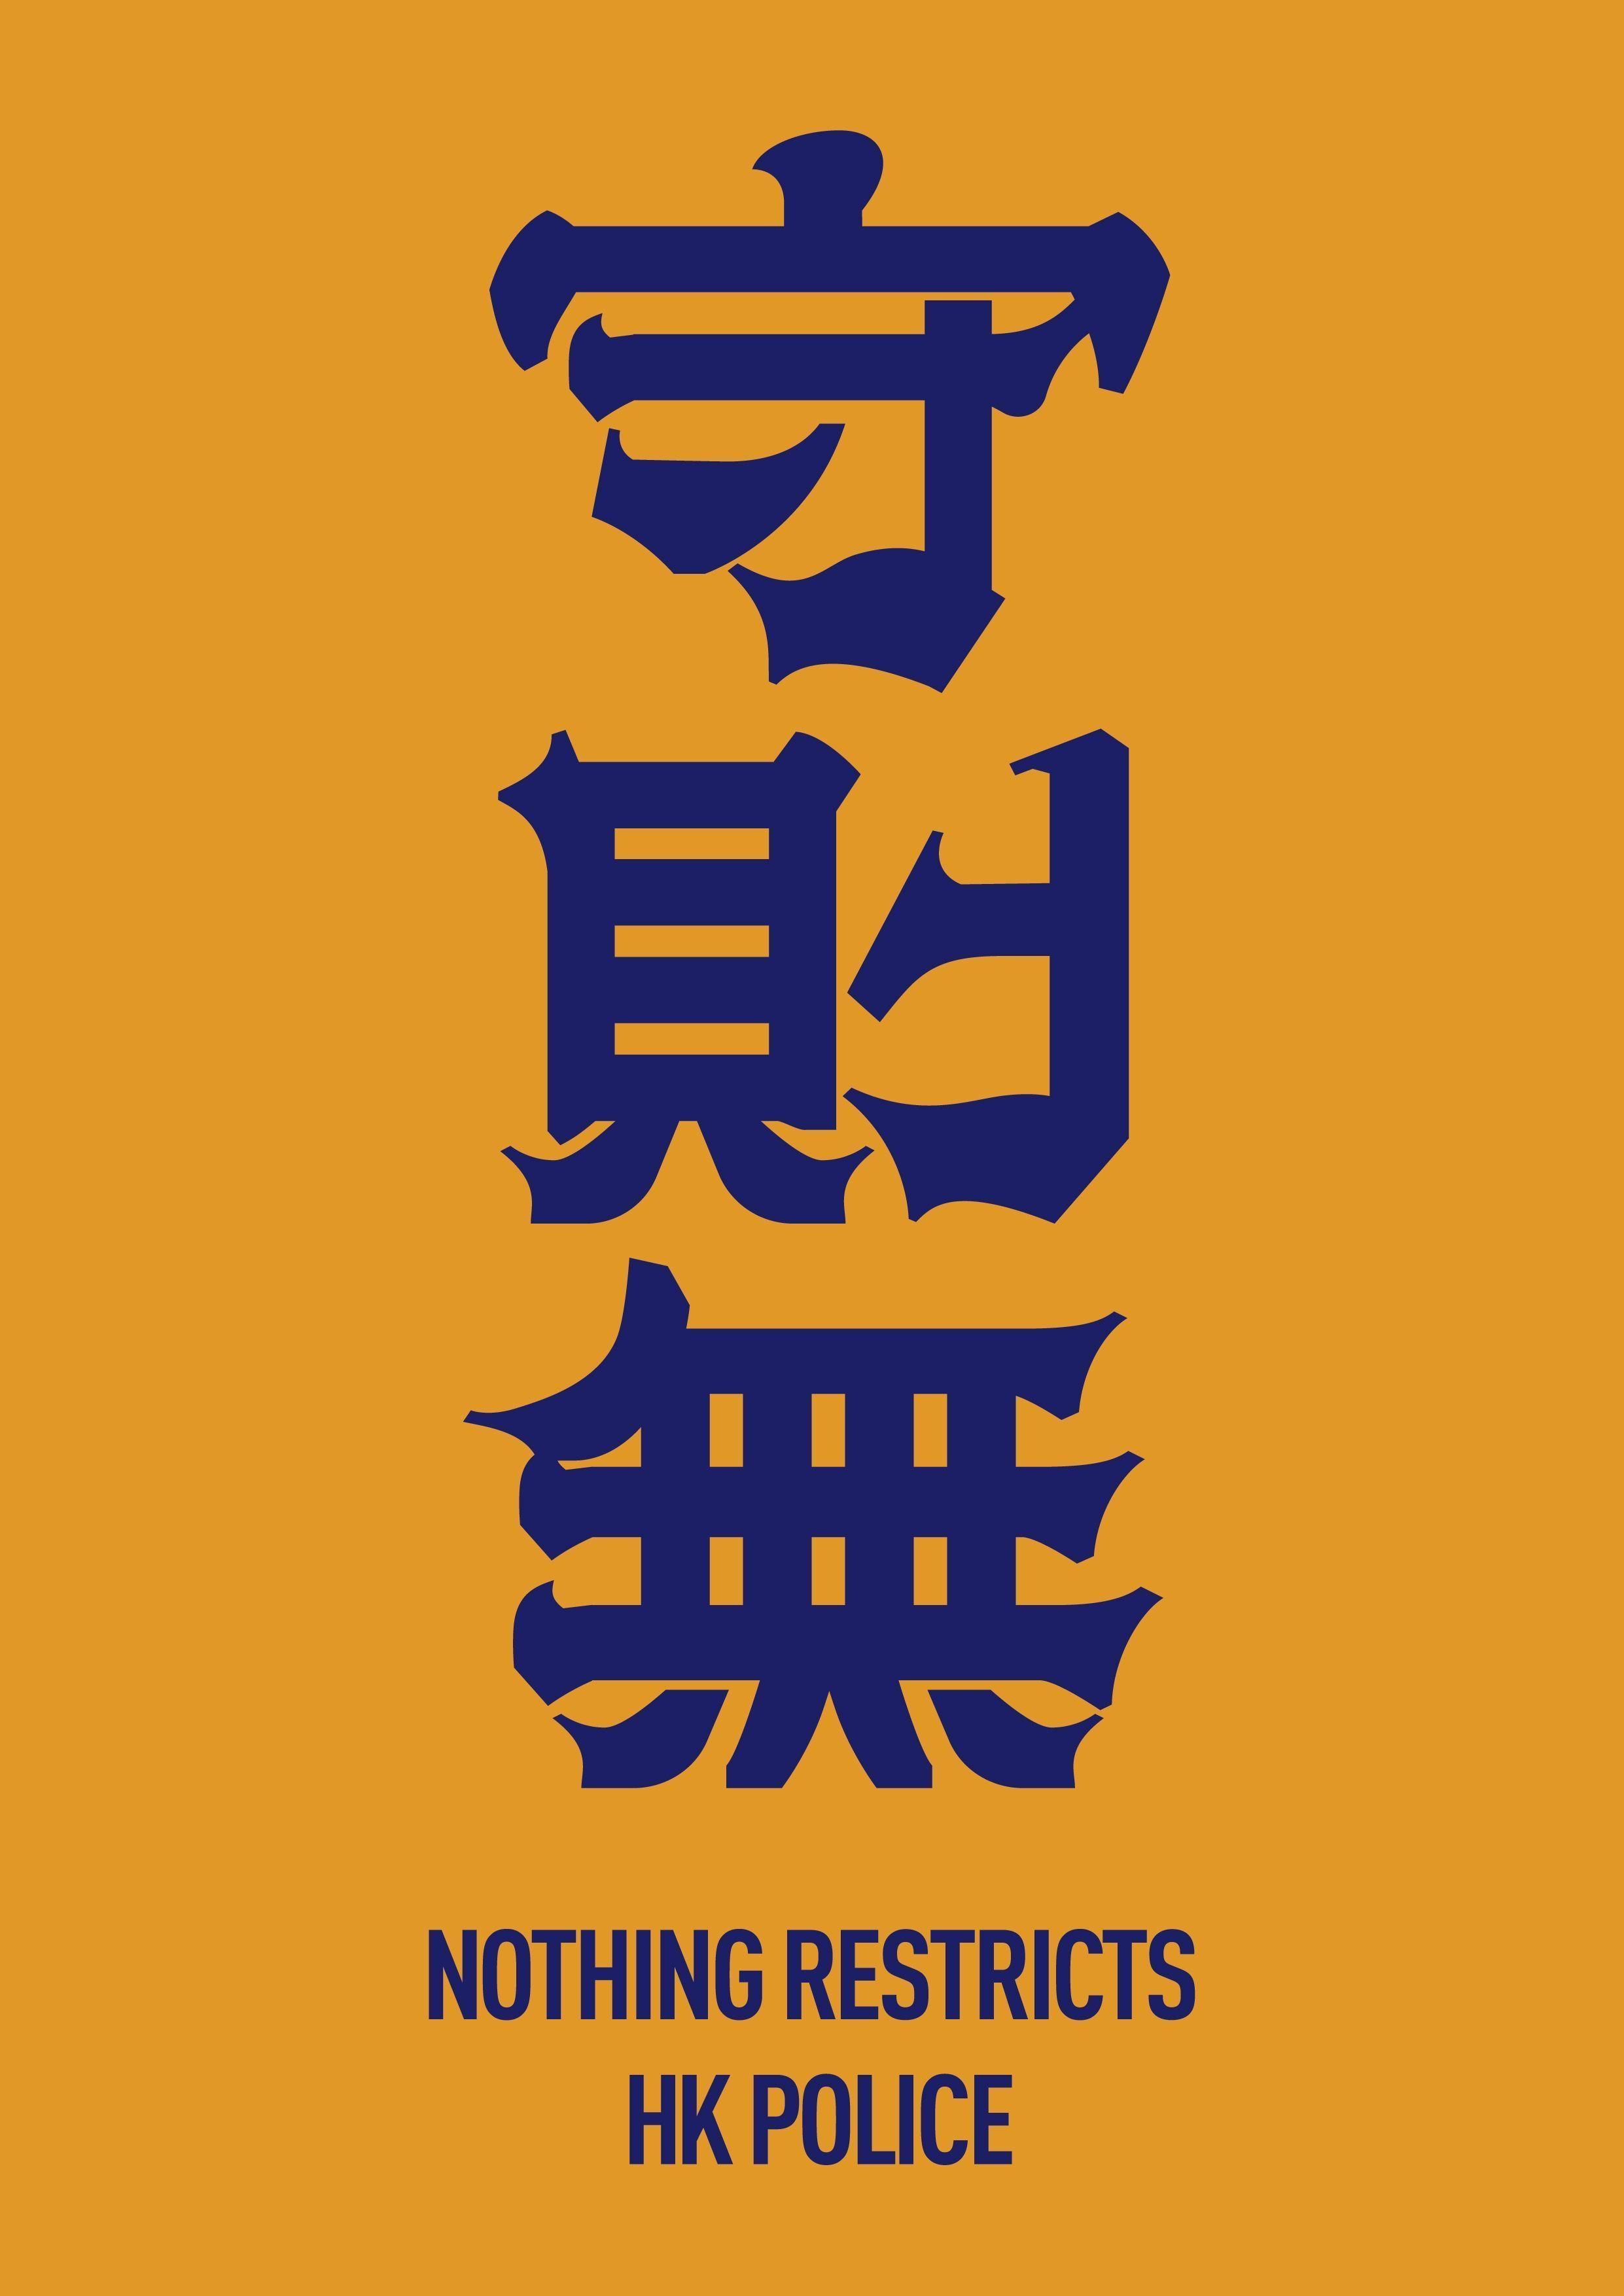 解散香港警隊 | 紀律無 | Disband Hong Kong Police Chinese Typography #chinesetypography 解散香港警隊 | 紀律無 | Disband Hong Kong Police Chinese Typography | 參考記憶無 #chinesetypography 解散香港警隊 | 紀律無 | Disband Hong Kong Police Chinese Typography #chinesetypography 解散香港警隊 | 紀律無 | Disband Hong Kong Police Chinese Typography | 參考記憶無 #chinesetypography 解散香港警隊 | 紀律無 | Disband Hong Kong Police Chinese Typography #ch #chinesetypography